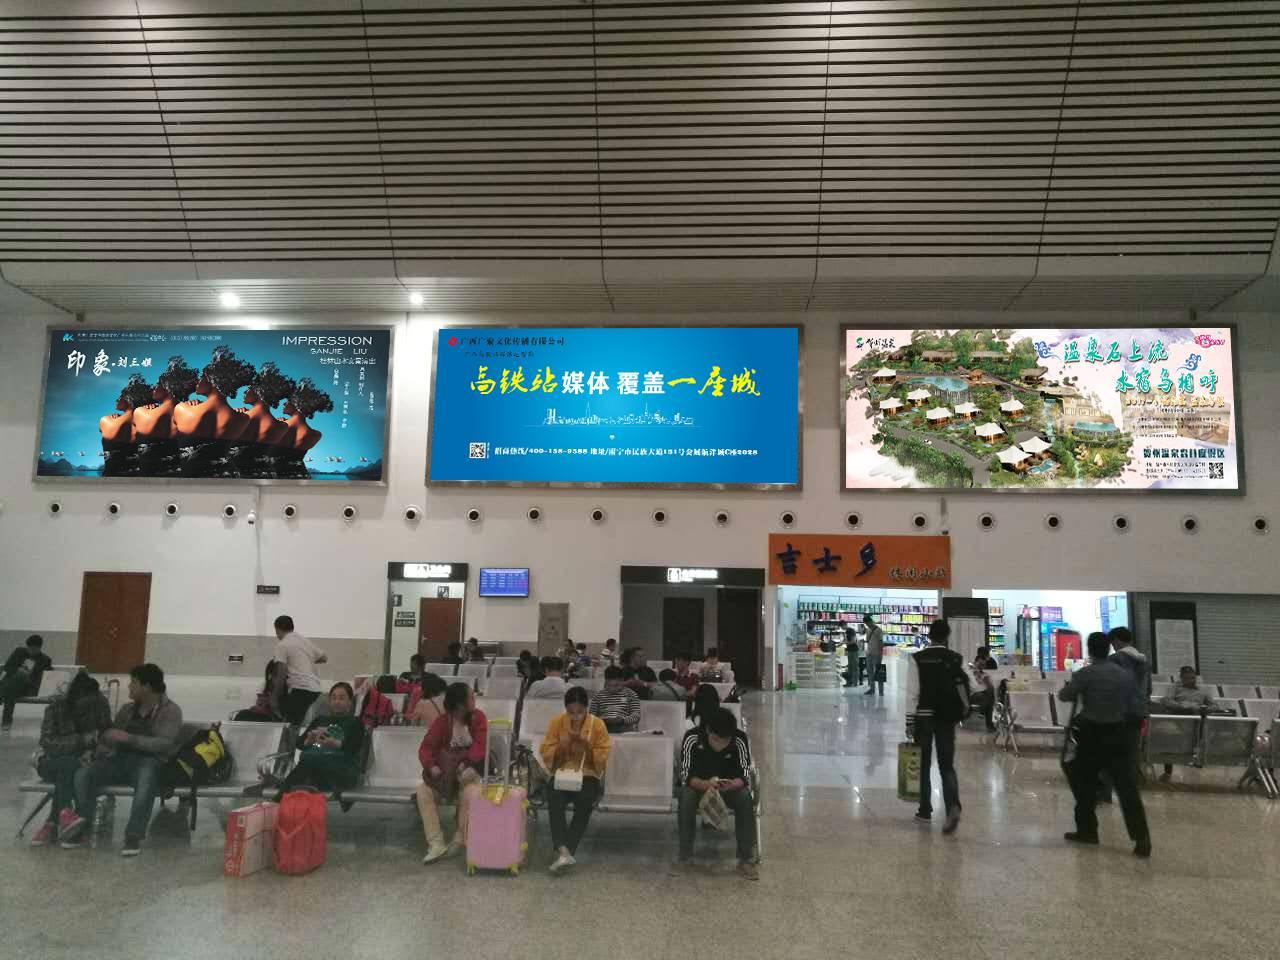 广西柳州市三江南站候车大厅灯箱媒体广告位